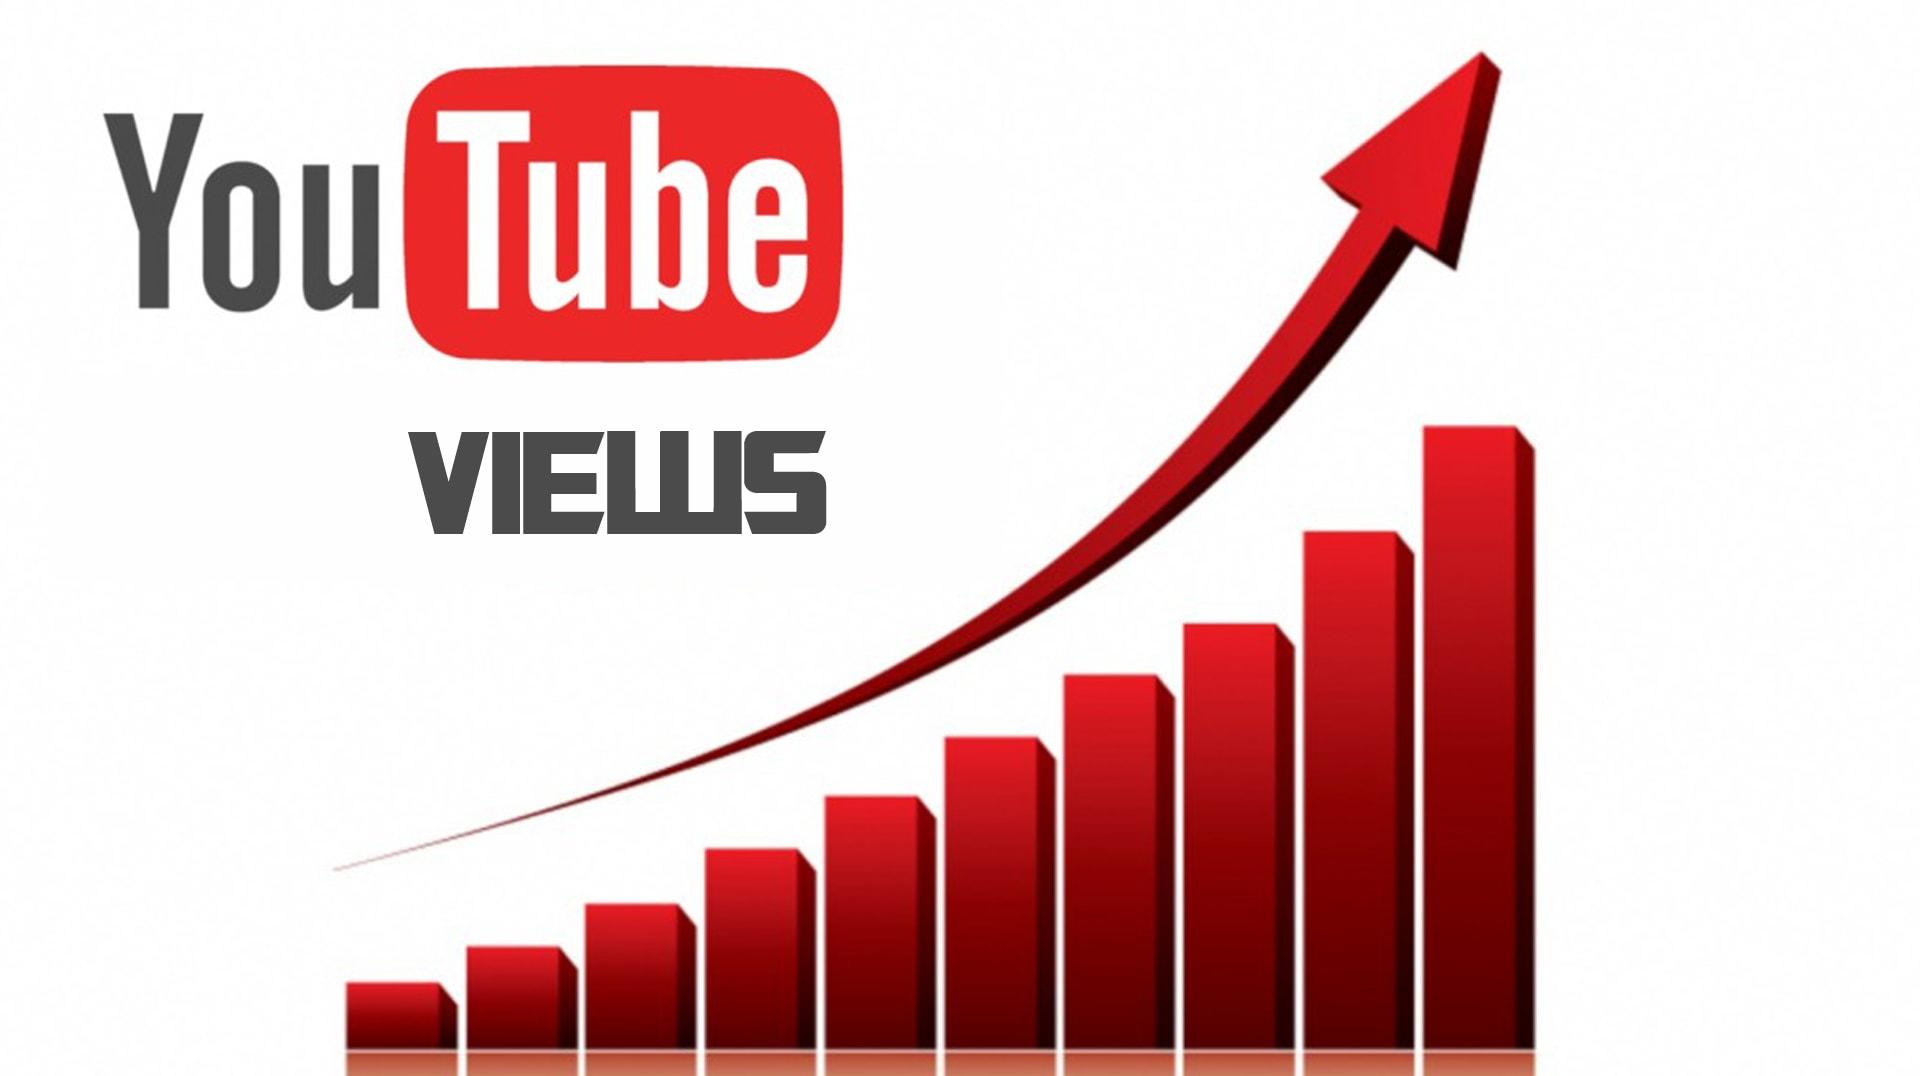 Cần chuẩn bị gì khi kiếm tiền YouTube?